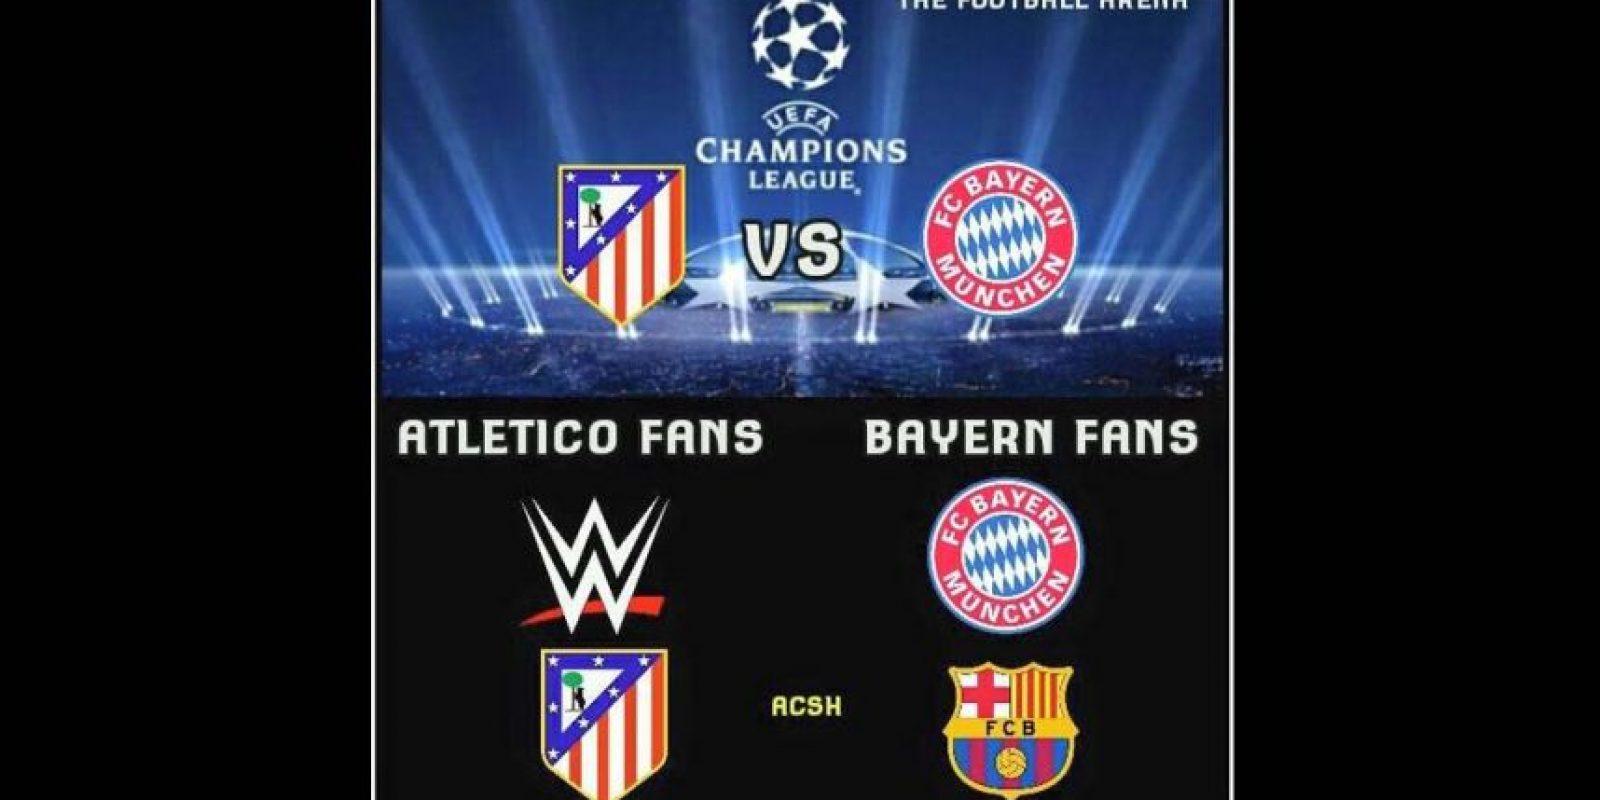 """El Atlético fue comparado con la WWE por lo """"aguerridos"""" de sus jugadores. Foto:Vía twitter.com/trollfootball"""